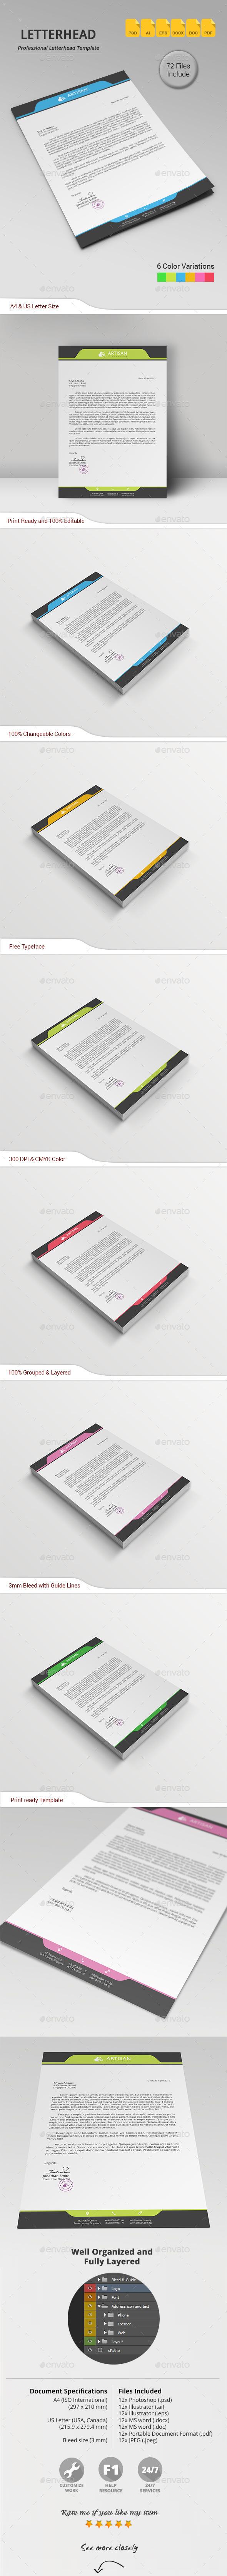 GraphicRiver Letterhead 11216770